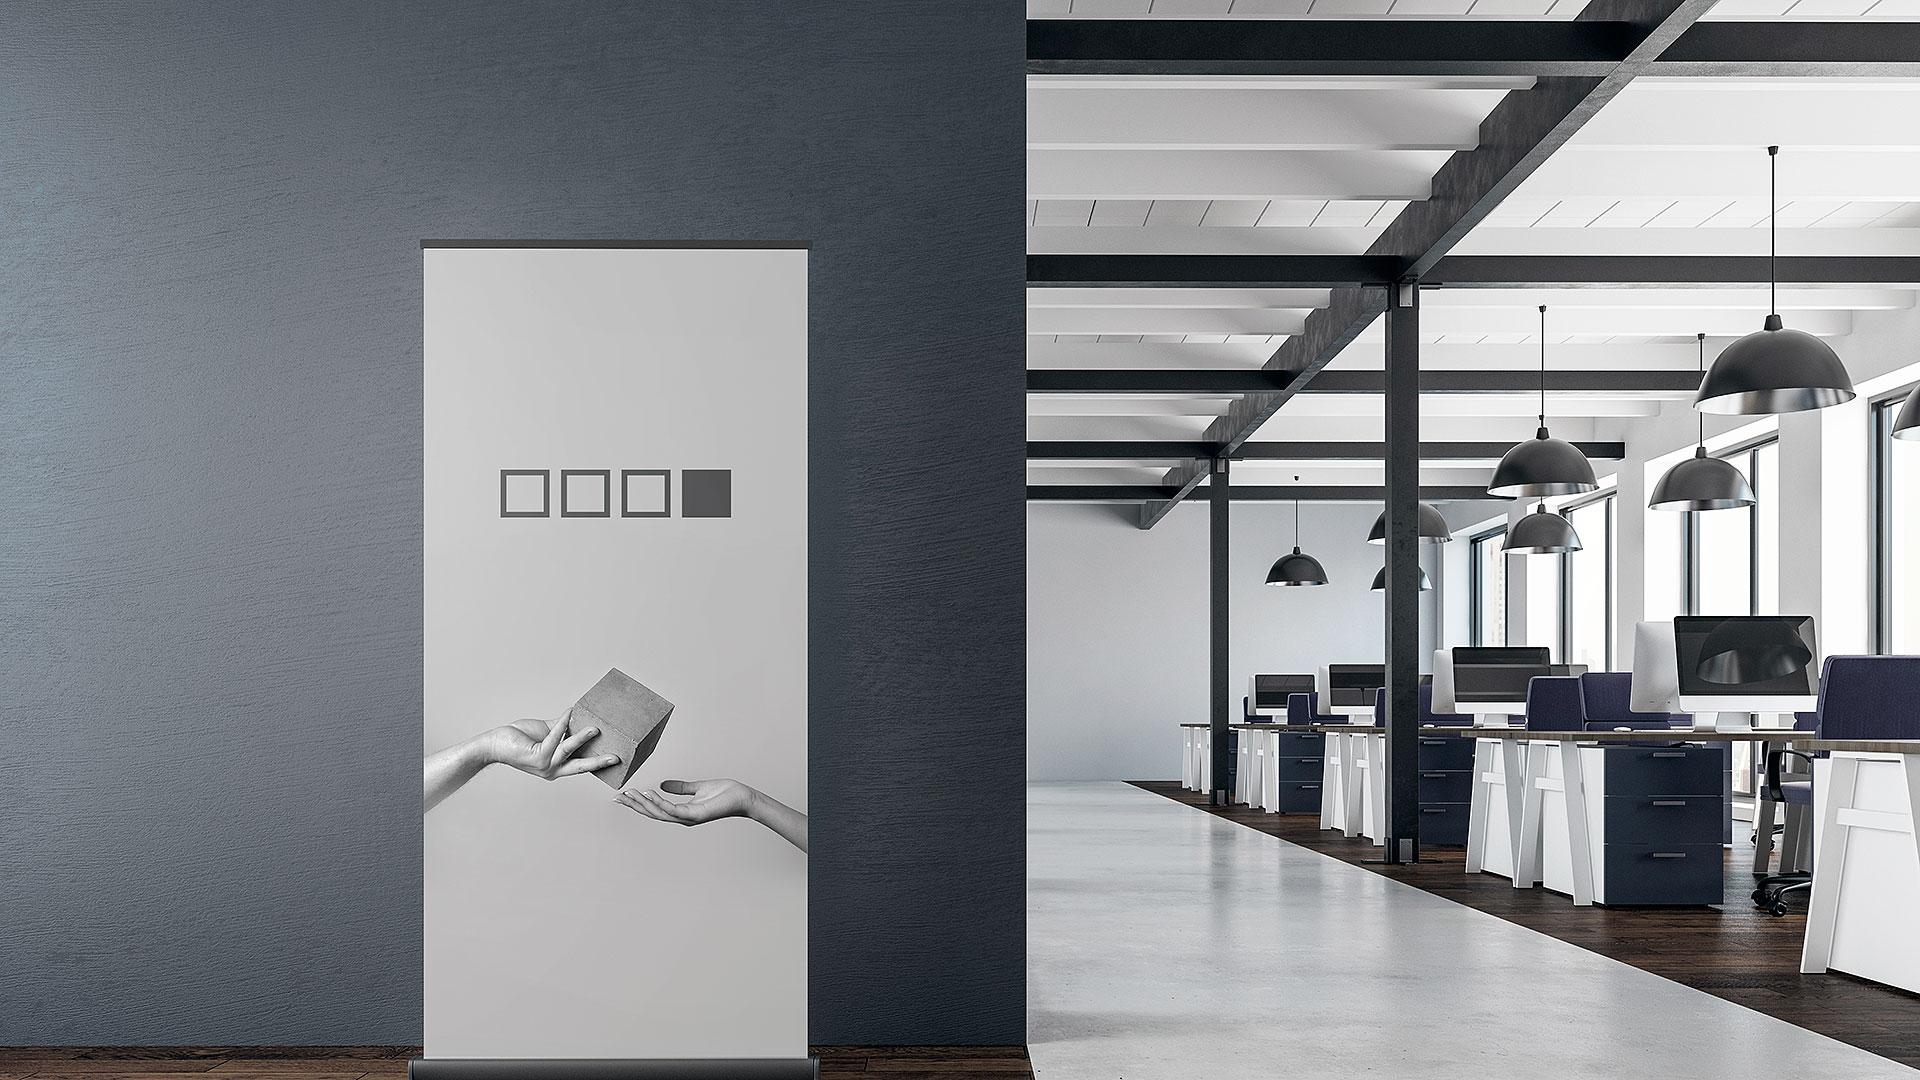 Reklāmas stendi, roll-up stendu izgatavošana – Hromets poligrāfija paraugs